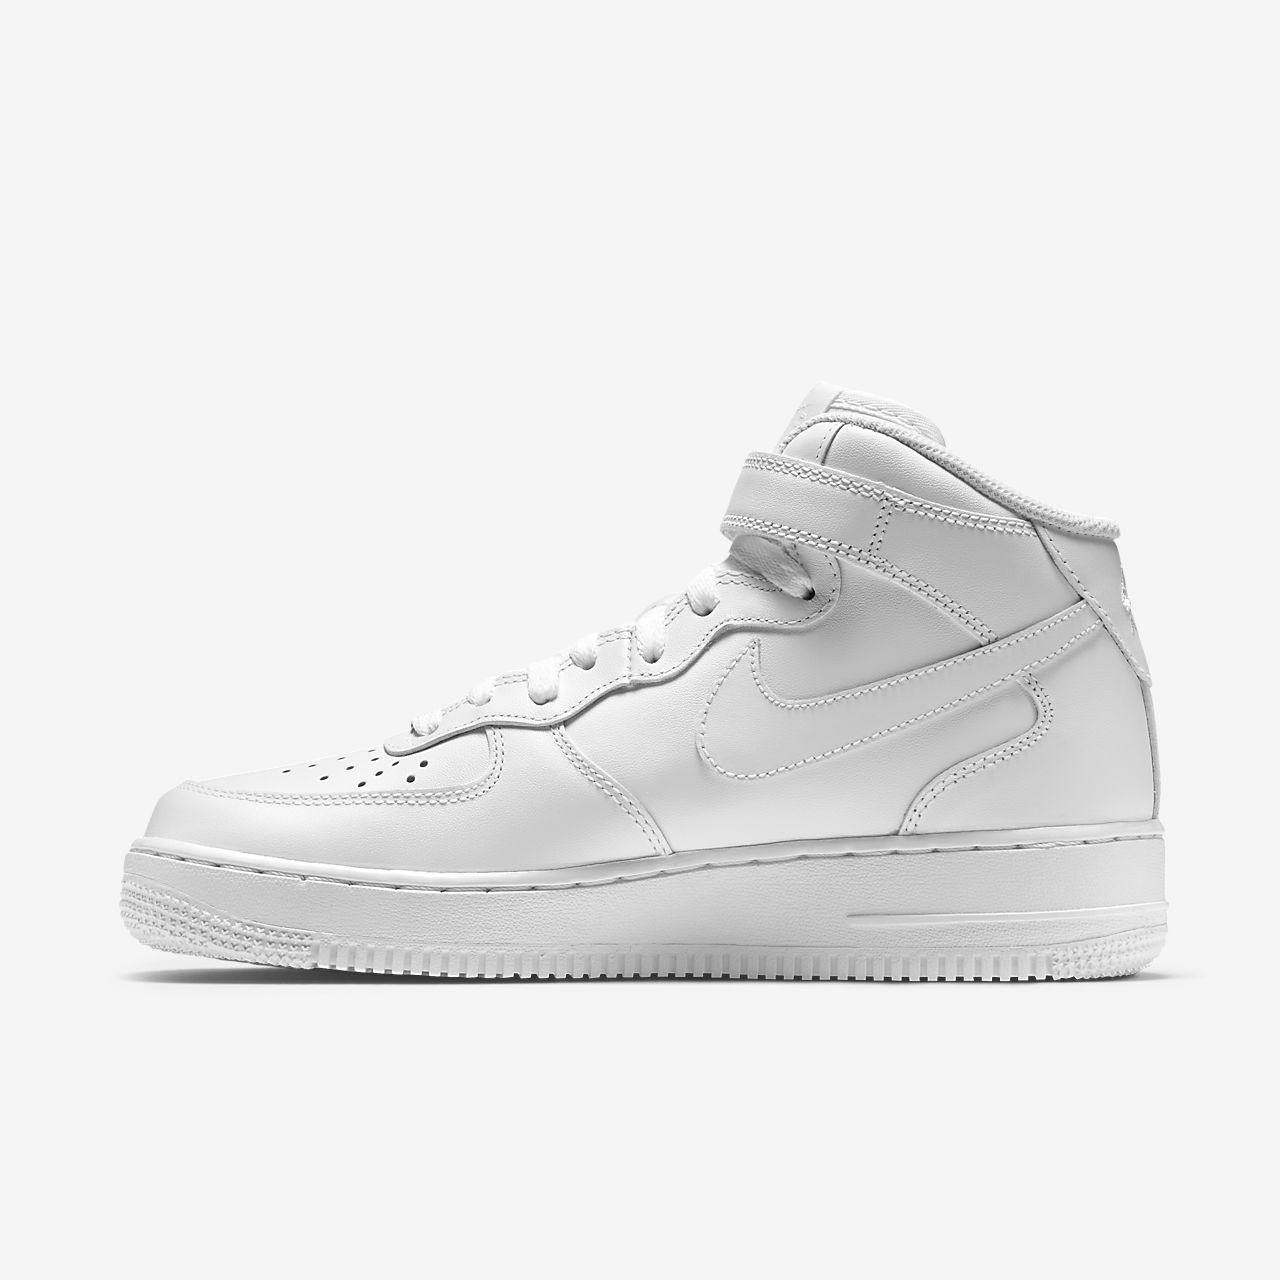 W Af1 Élever Par Étapes Lx - Chaussures - Bas-tops Et Baskets Nike Q9n93RteS